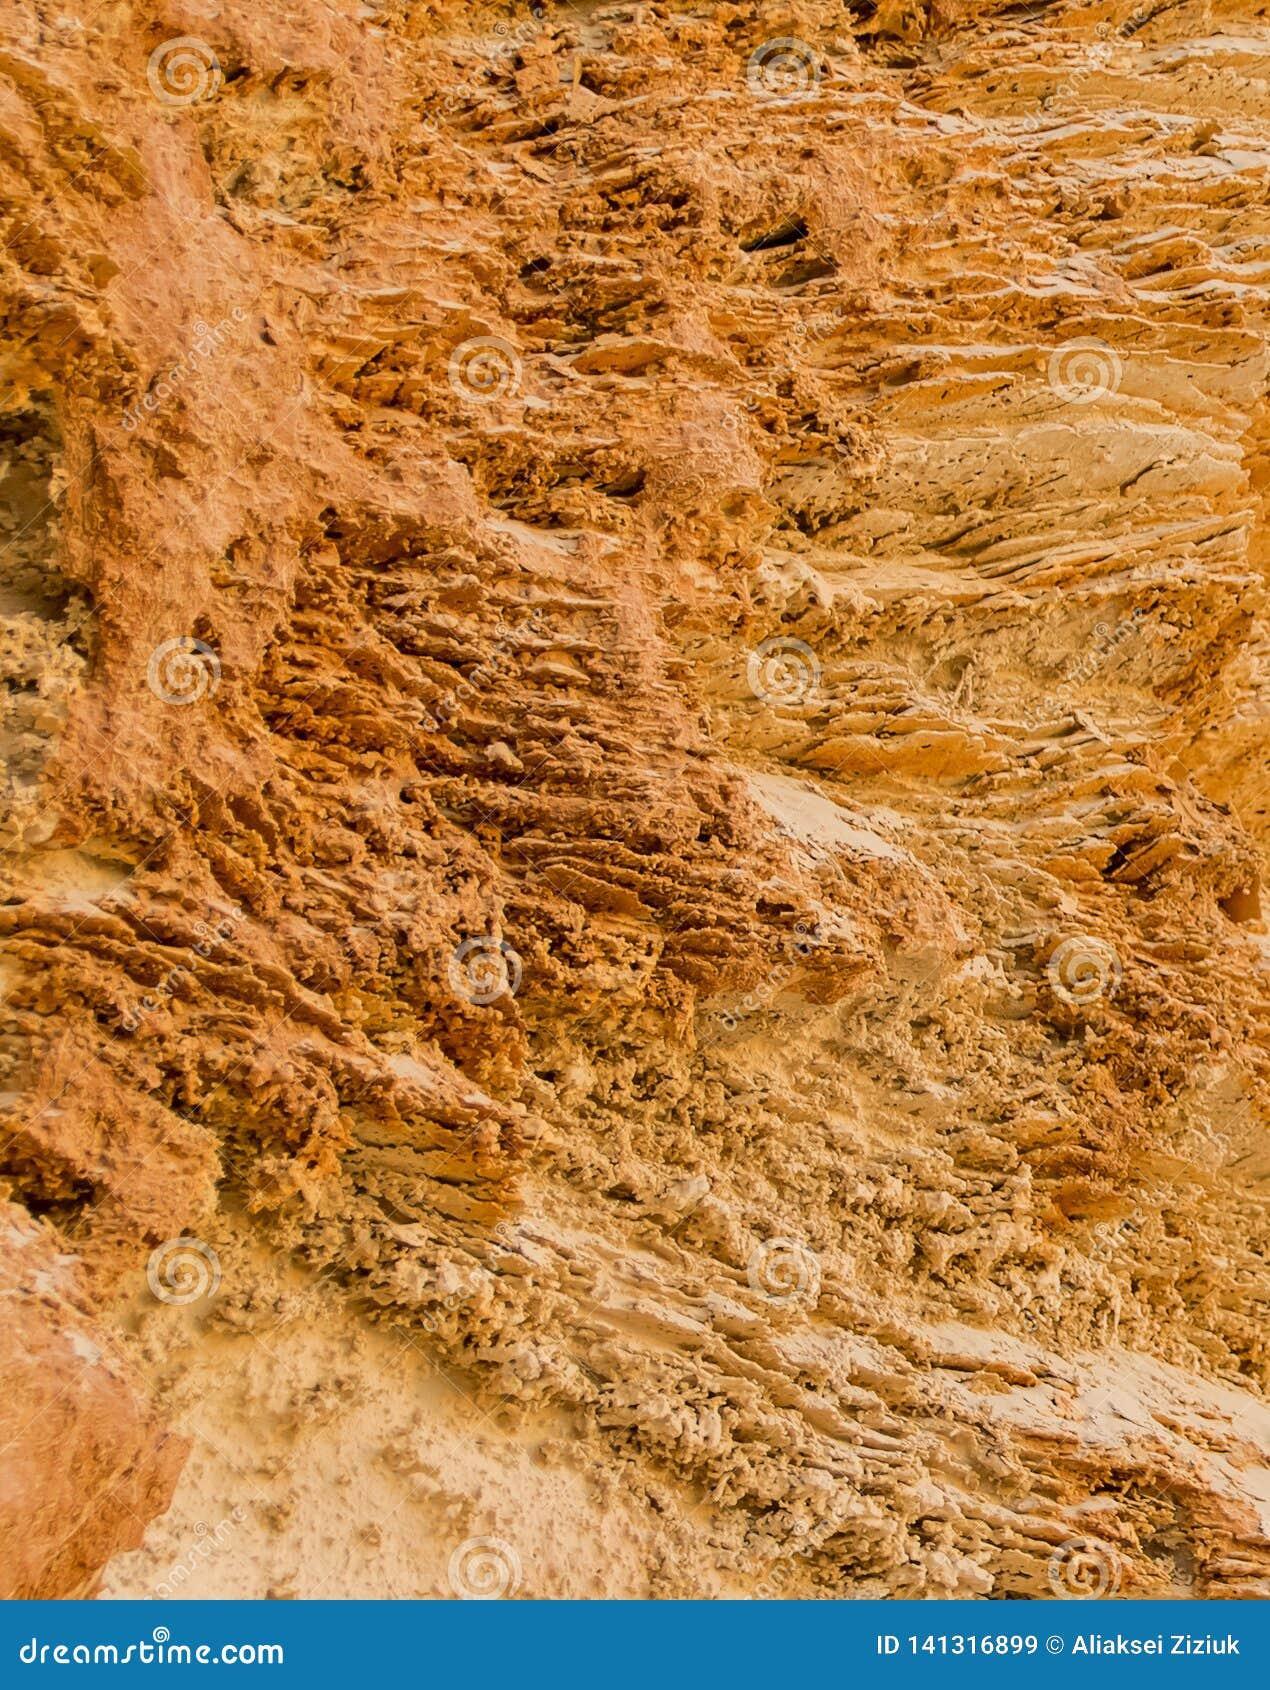 Donnez à sable jaune une consistance rugueuse, coupe de la terre